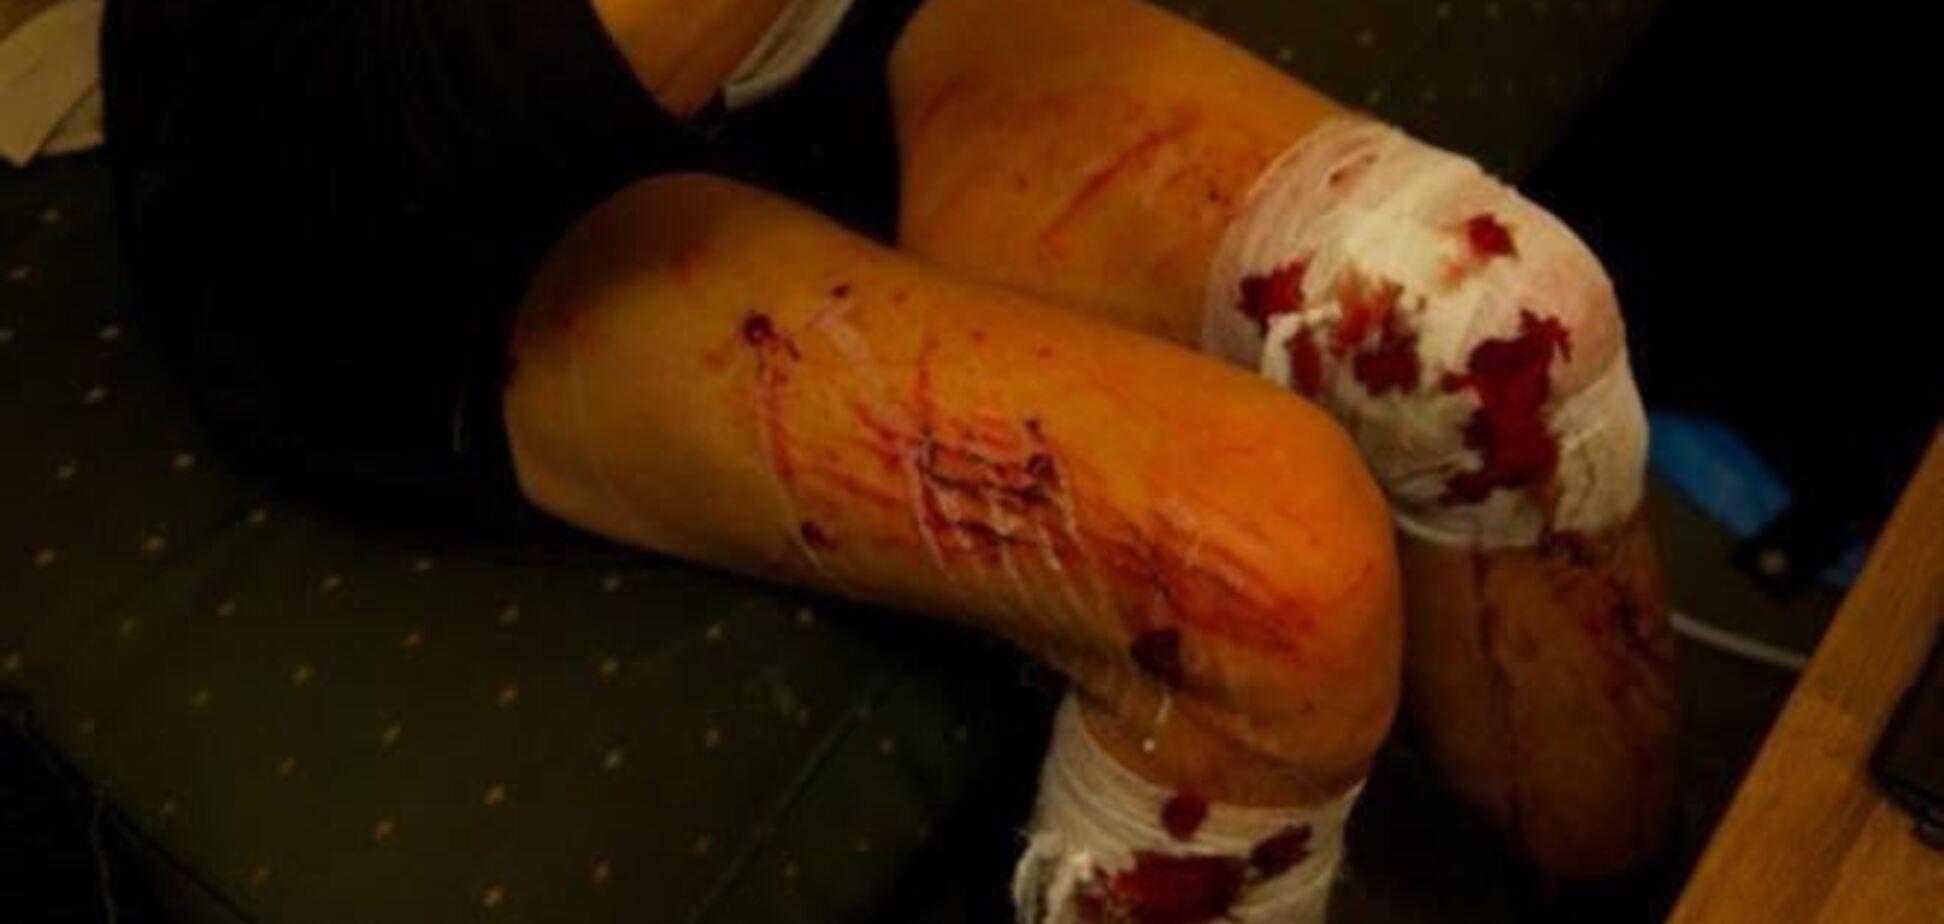 От столкновений с 'Беркутом' пострадали более 300 евромайдановцев